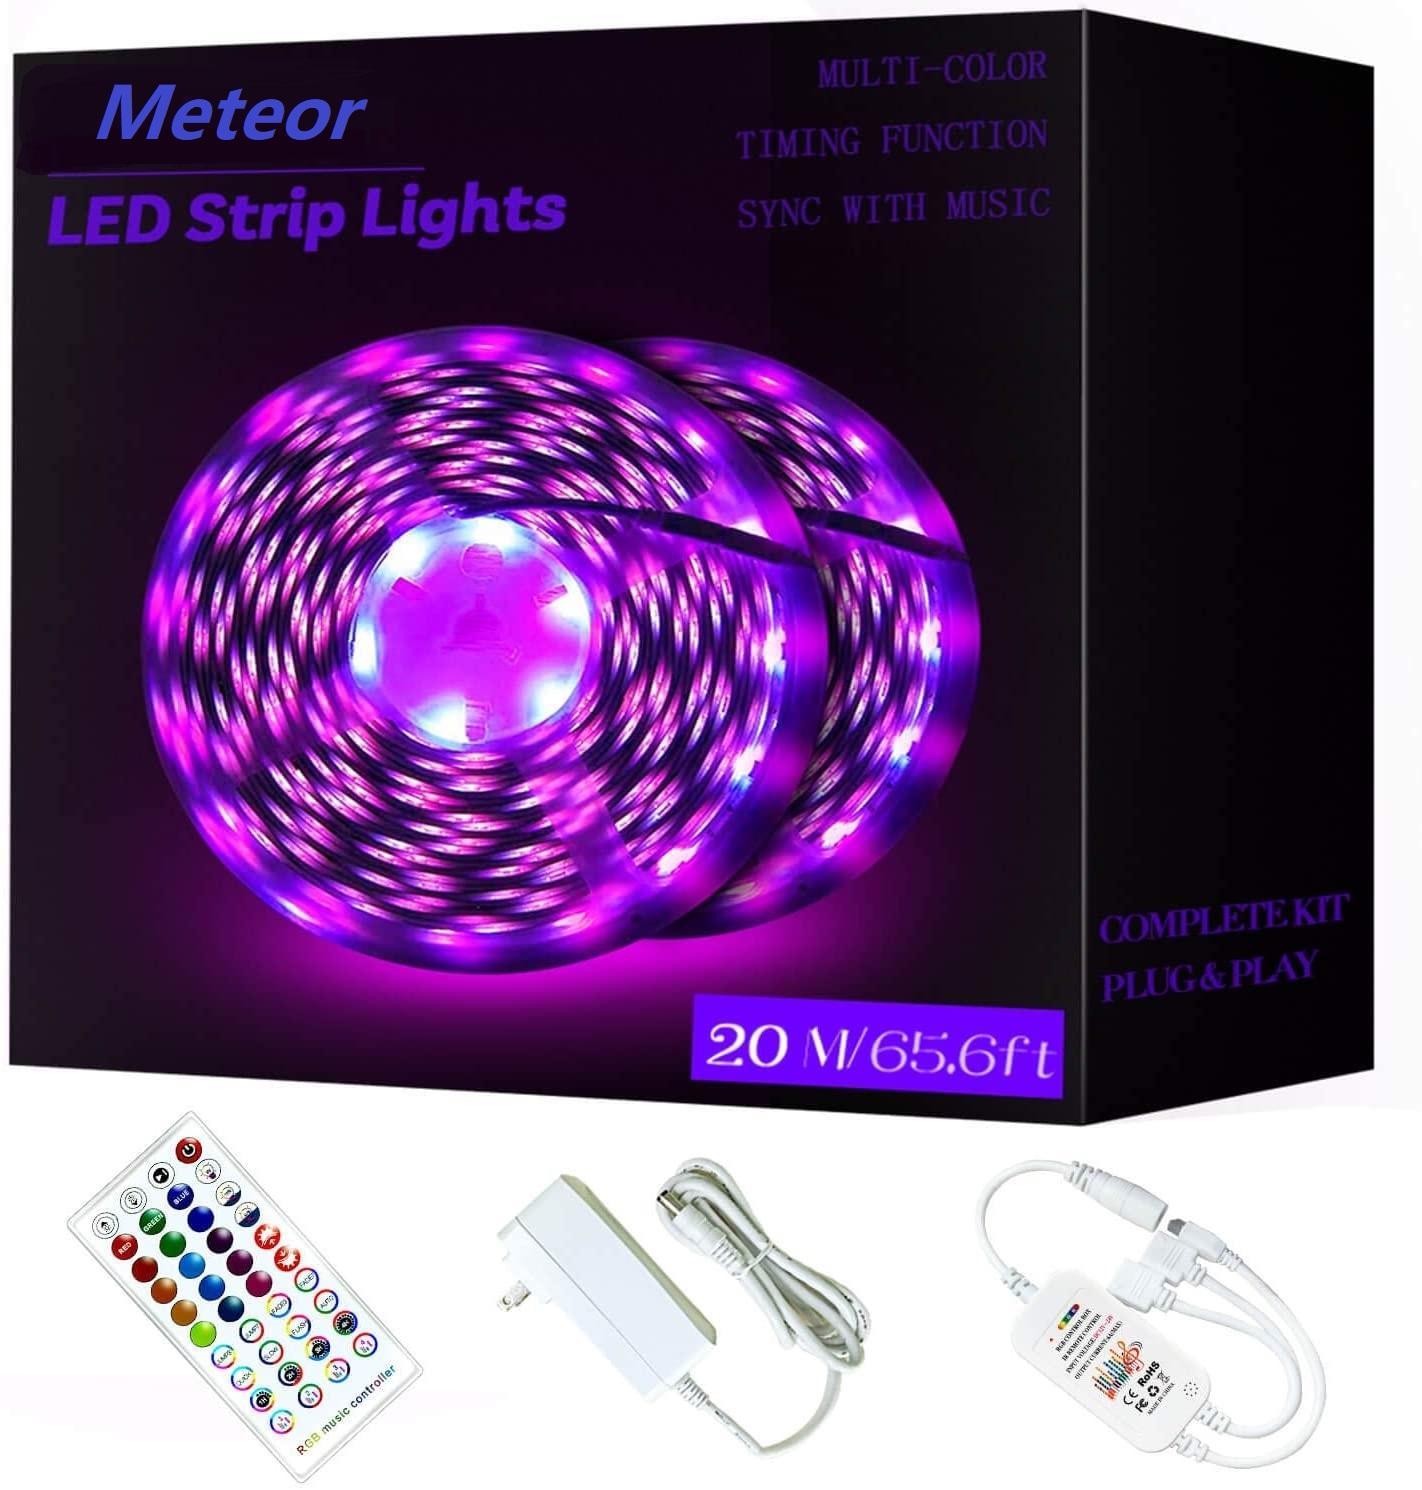 65.6FT / 20 M RGB LED Şerit Işıkları Ultra-Uzun Renk Değiştirme Işık Şerit Ile Uzaktan 600 LEDS Parlak LED Işıklar DIY Renk Seçenekleri Bant Işıkları